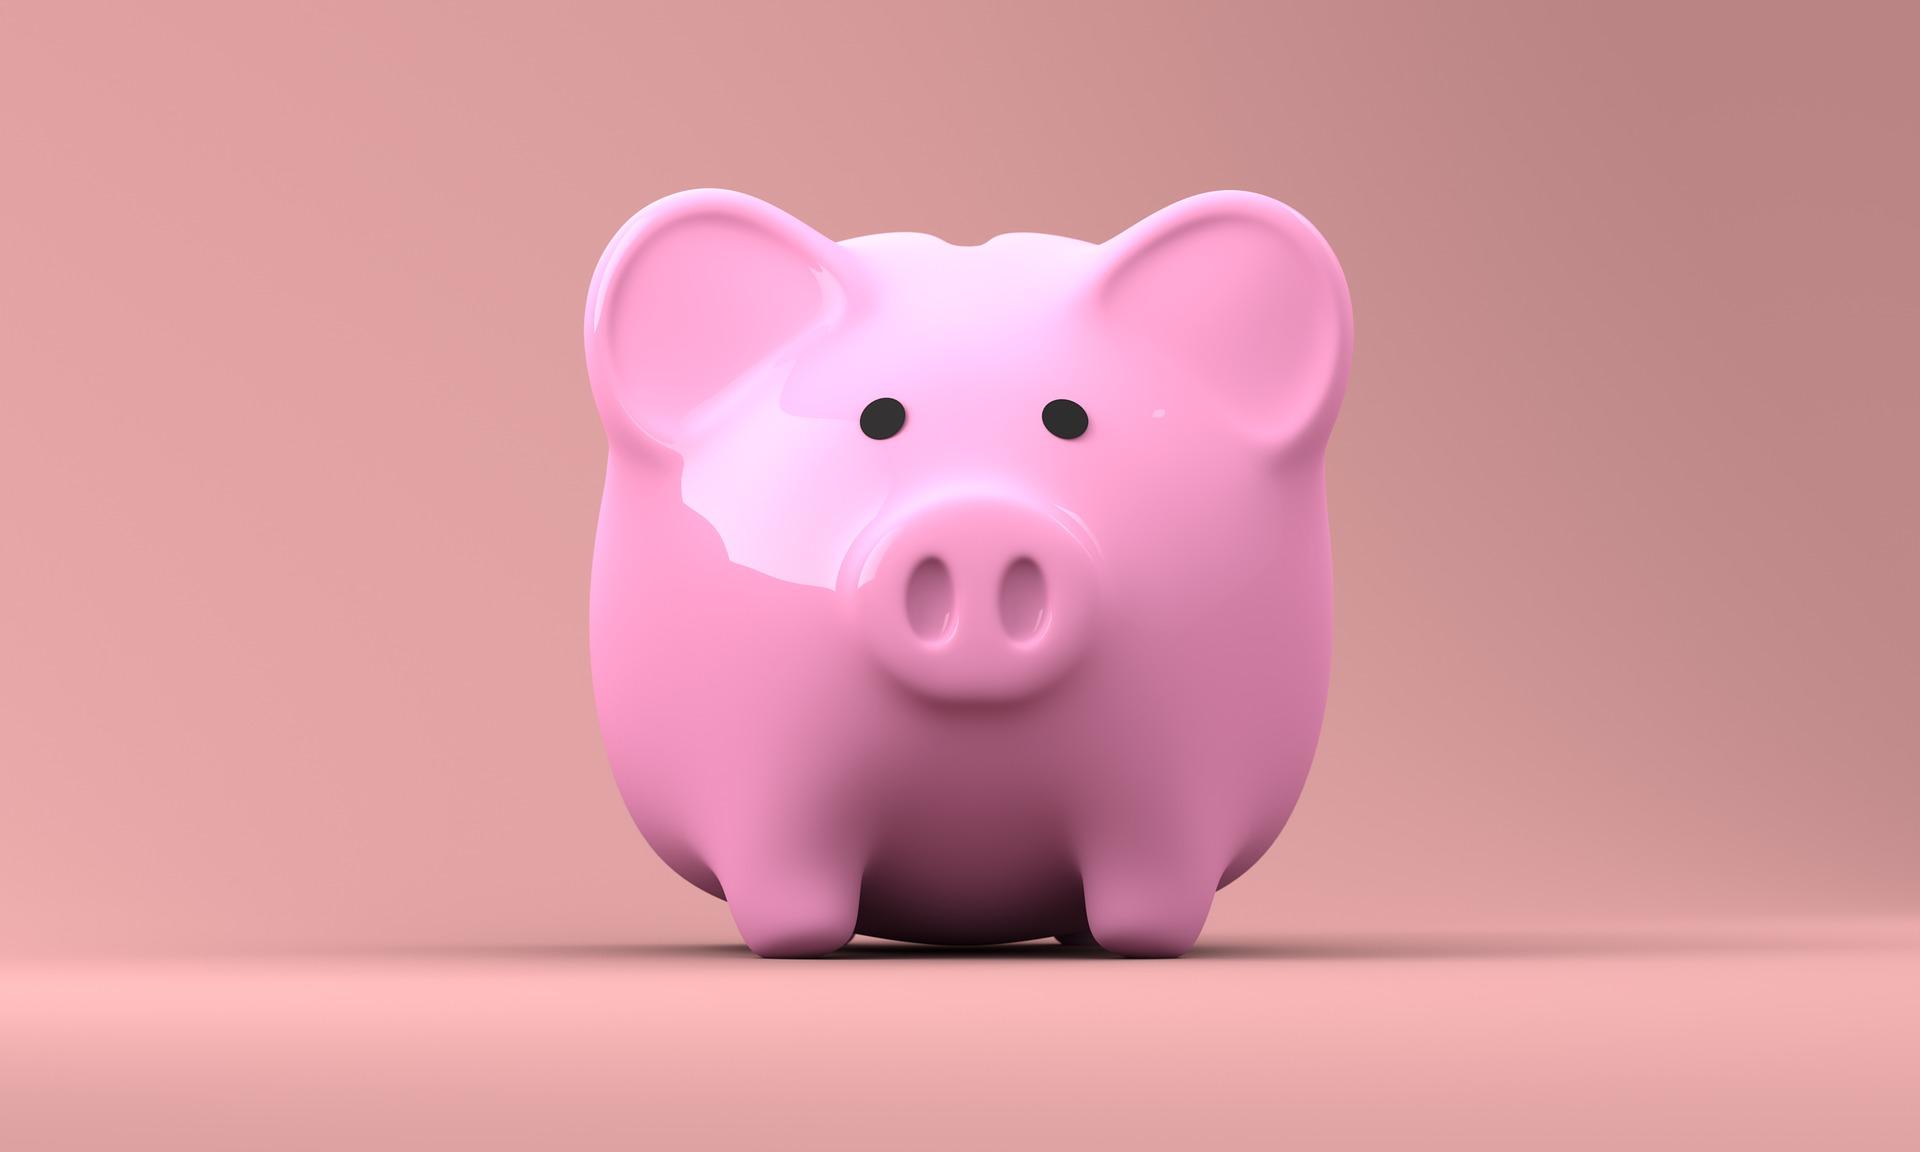 散財の意味は?癖を治す方法やあとで後悔しないお金の使い方を紹介!